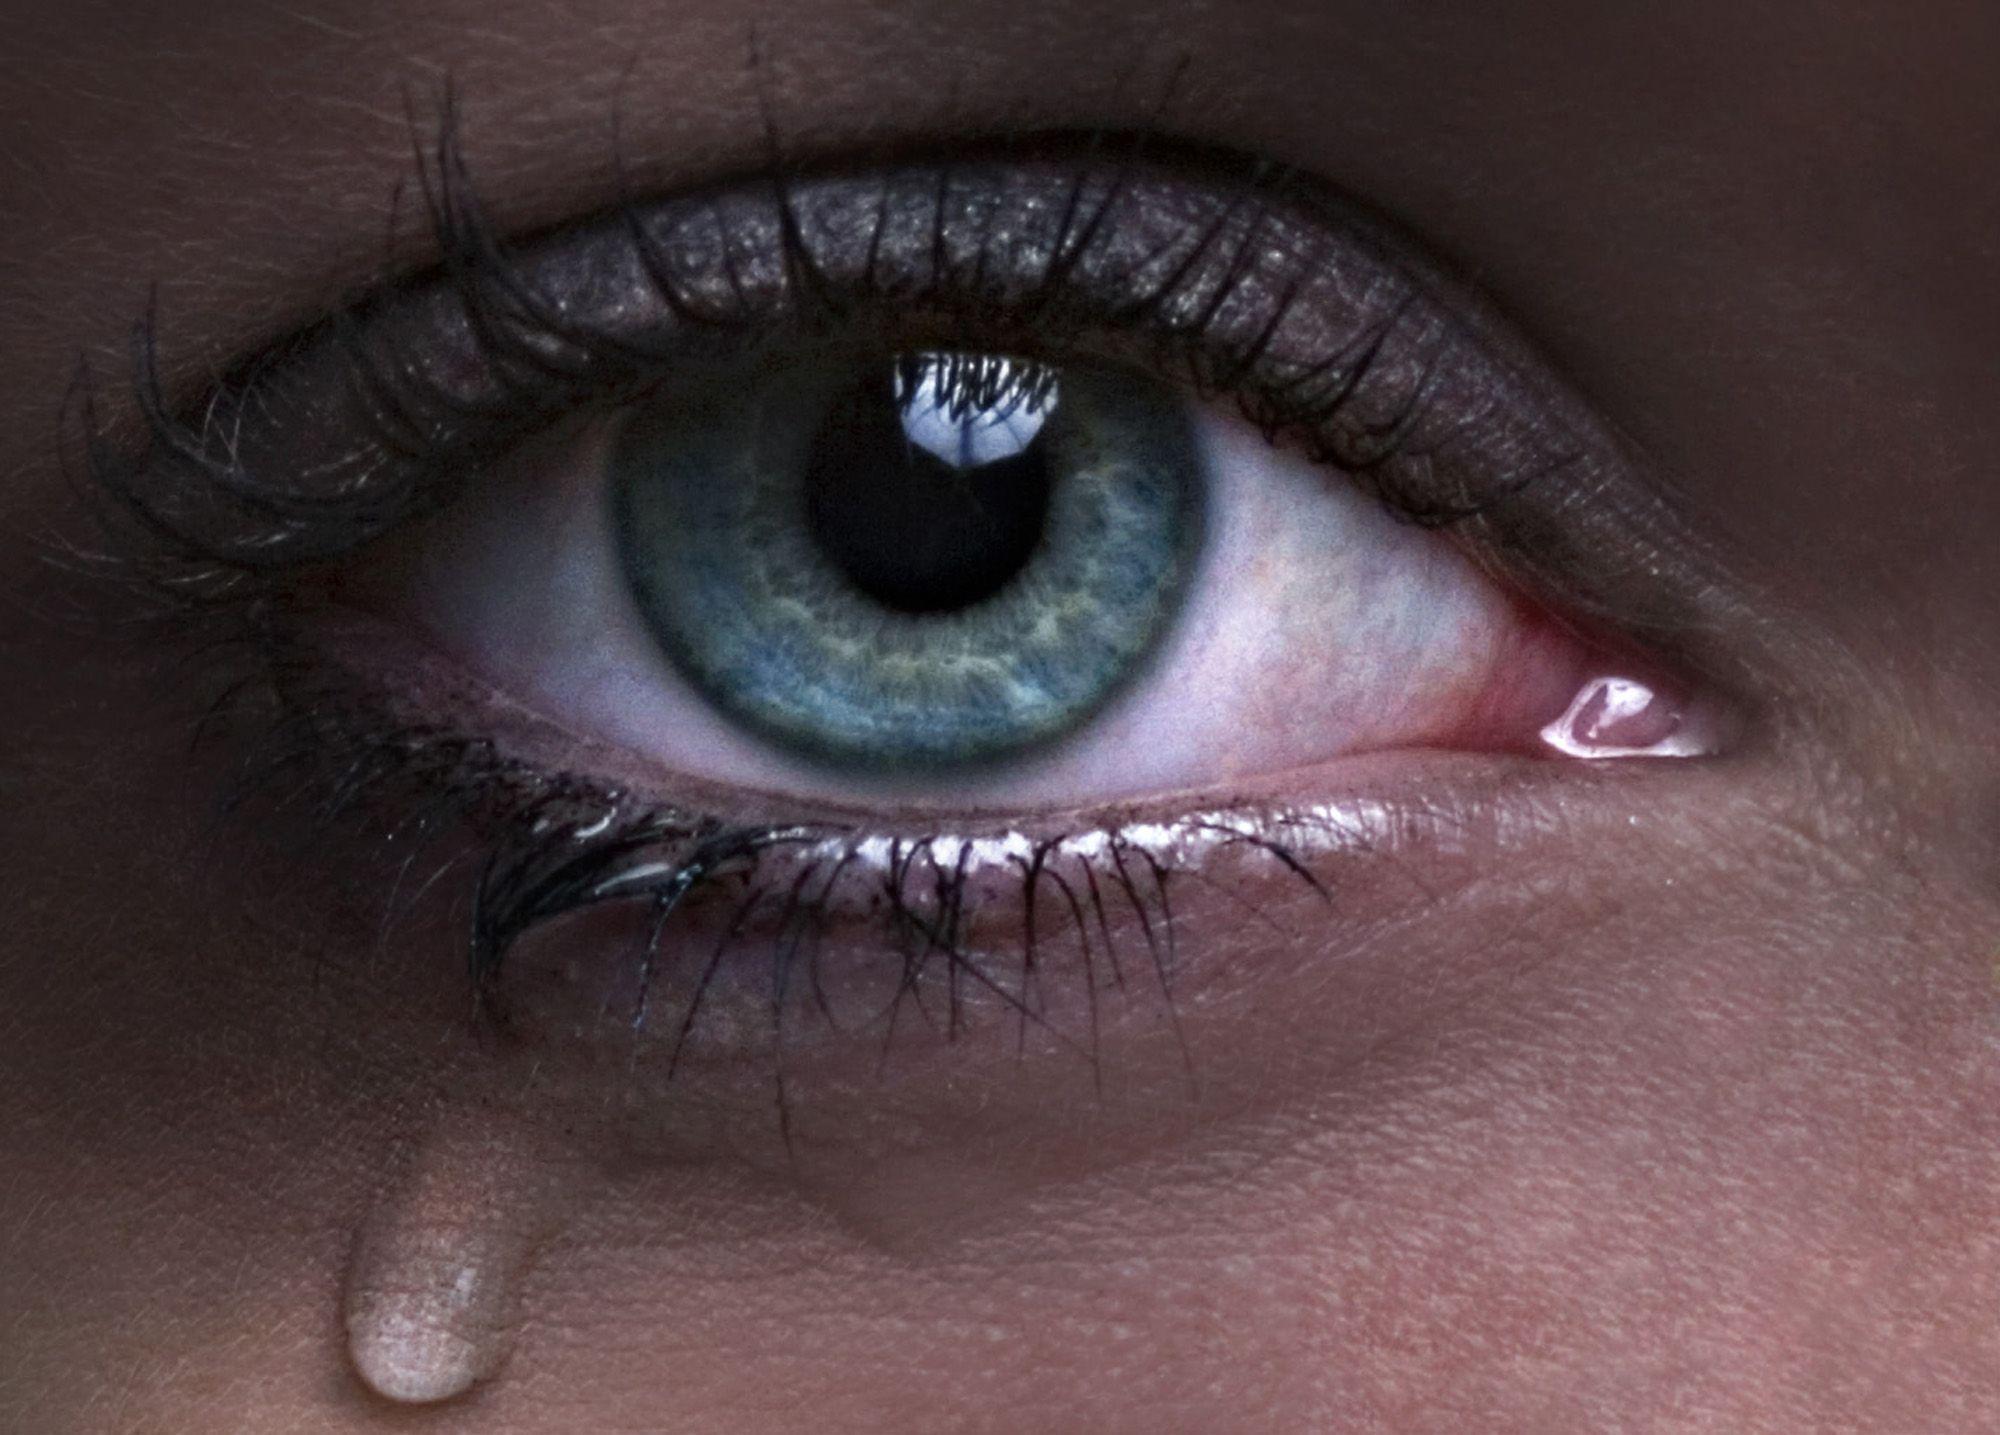 صور صور عيون تدمع , كفاية دموع عيونك الحلوة غالية